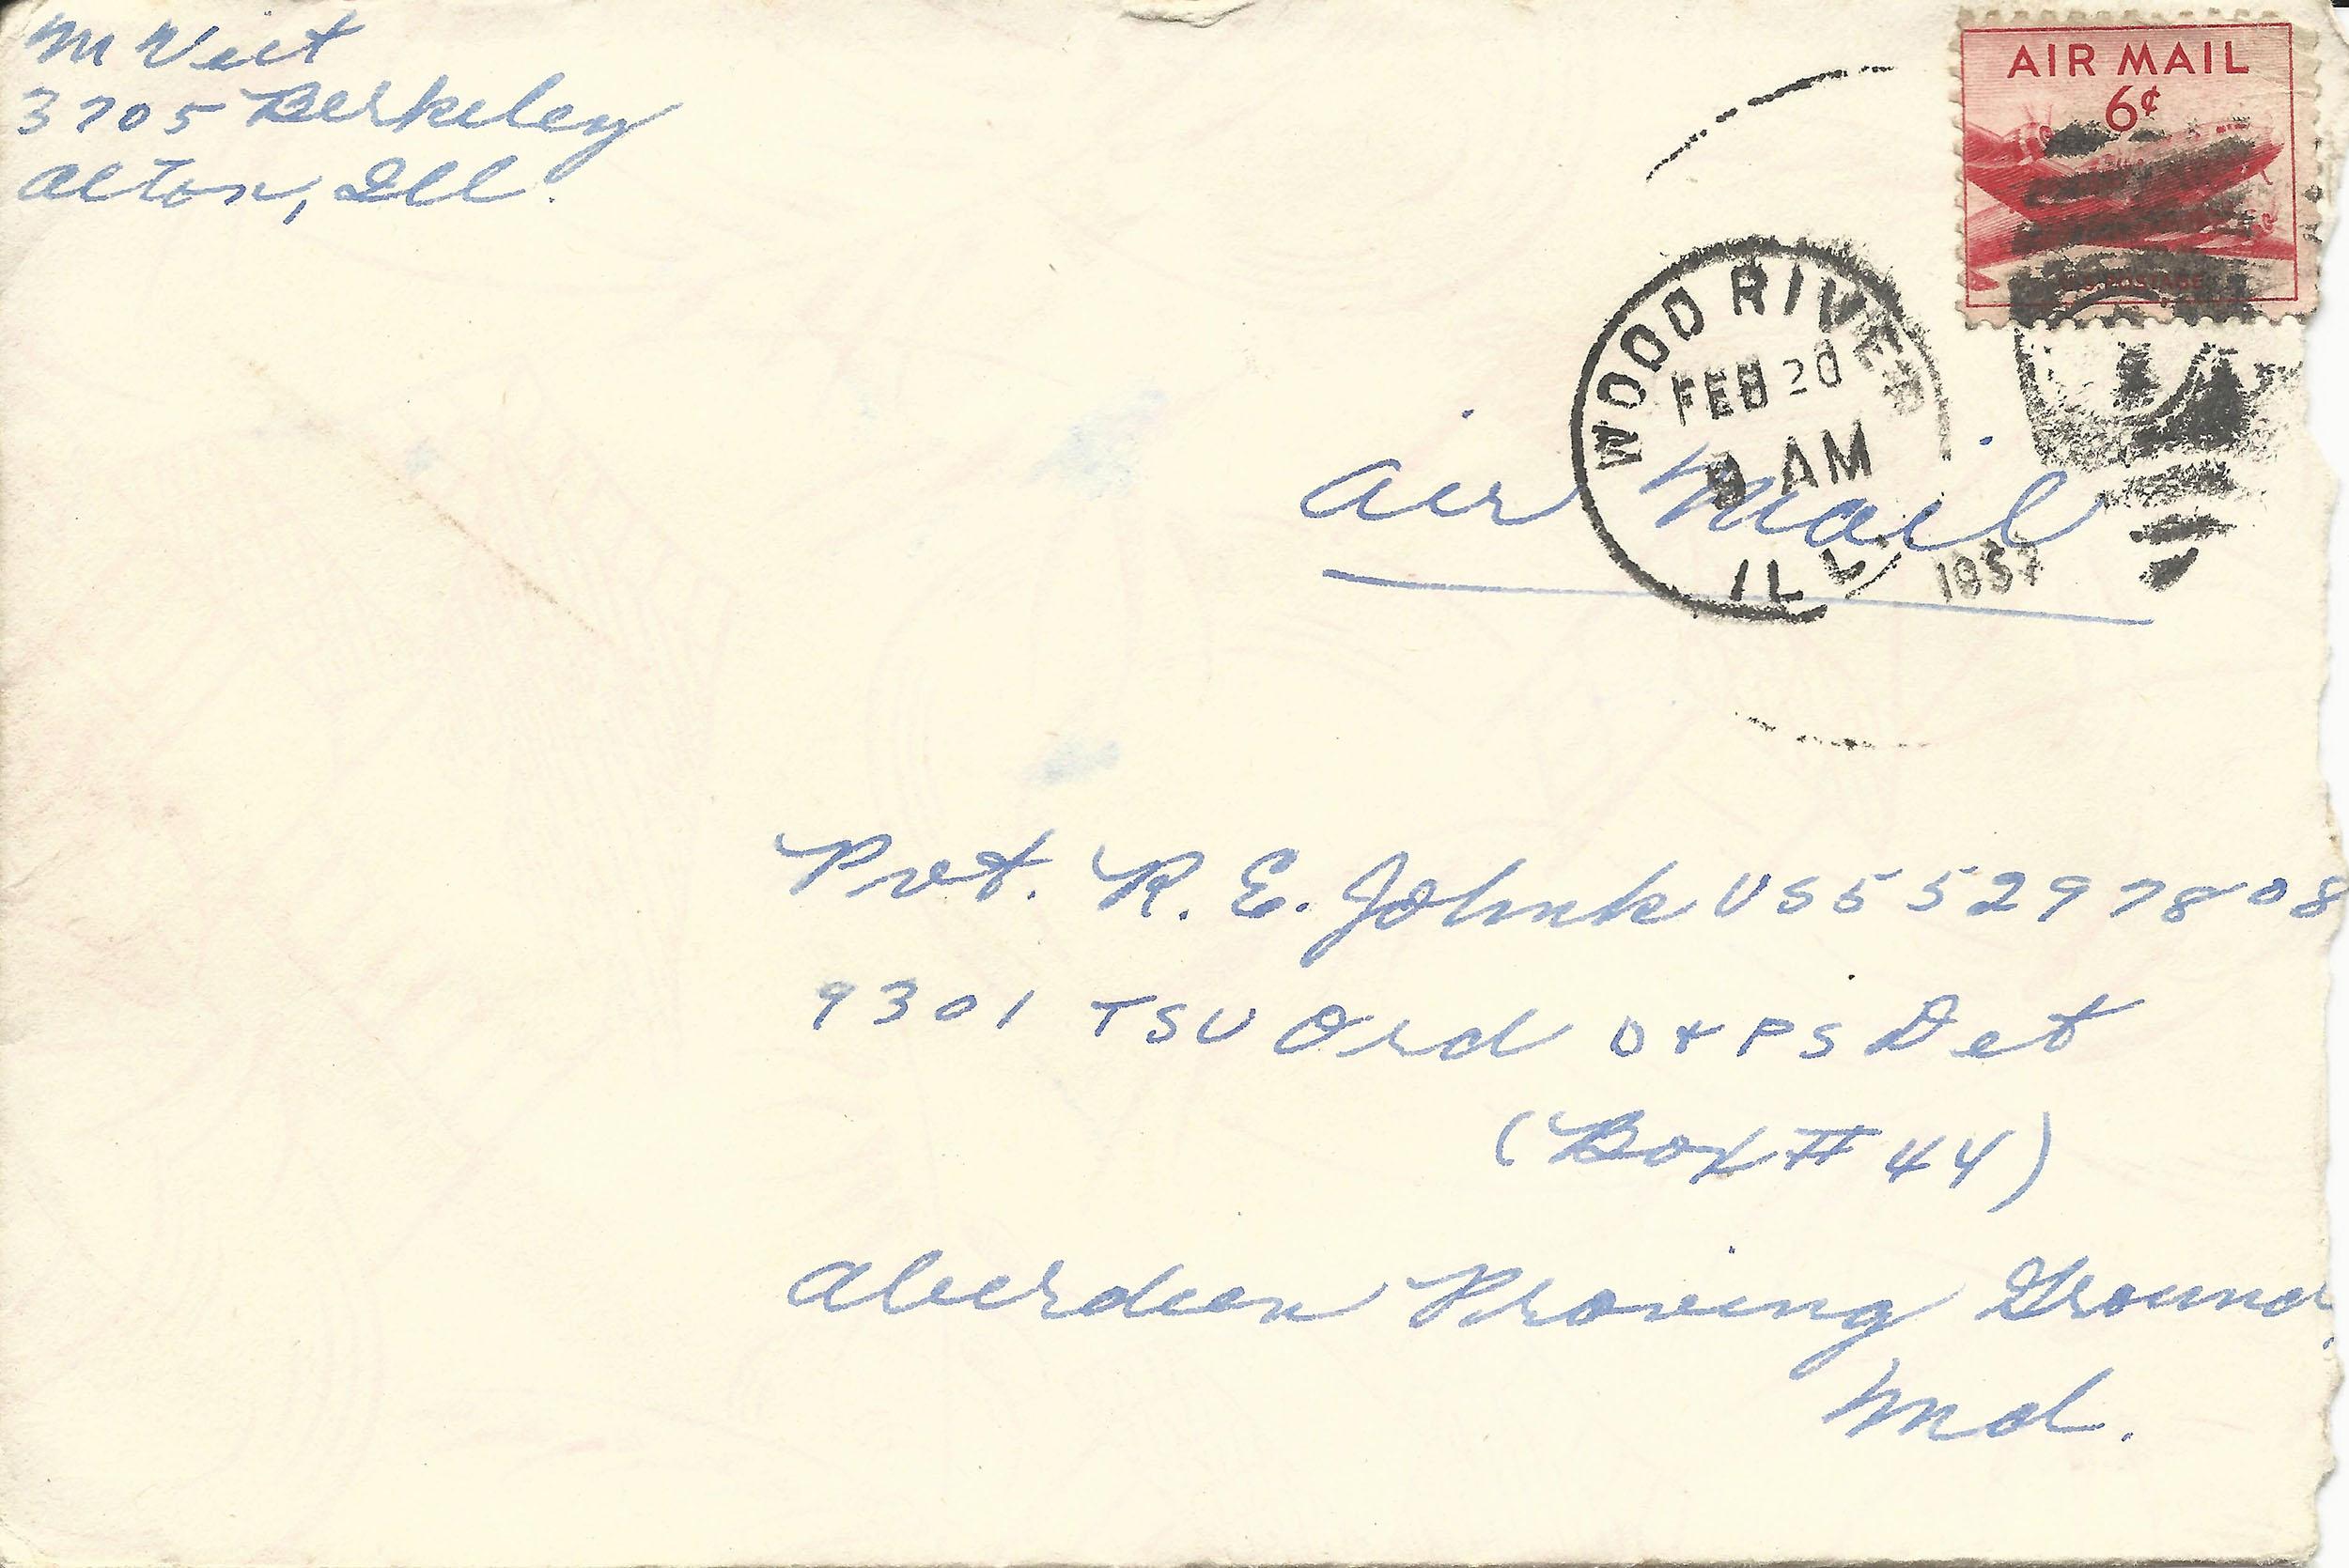 Feb. 19, 1953 (Marj) Envelope